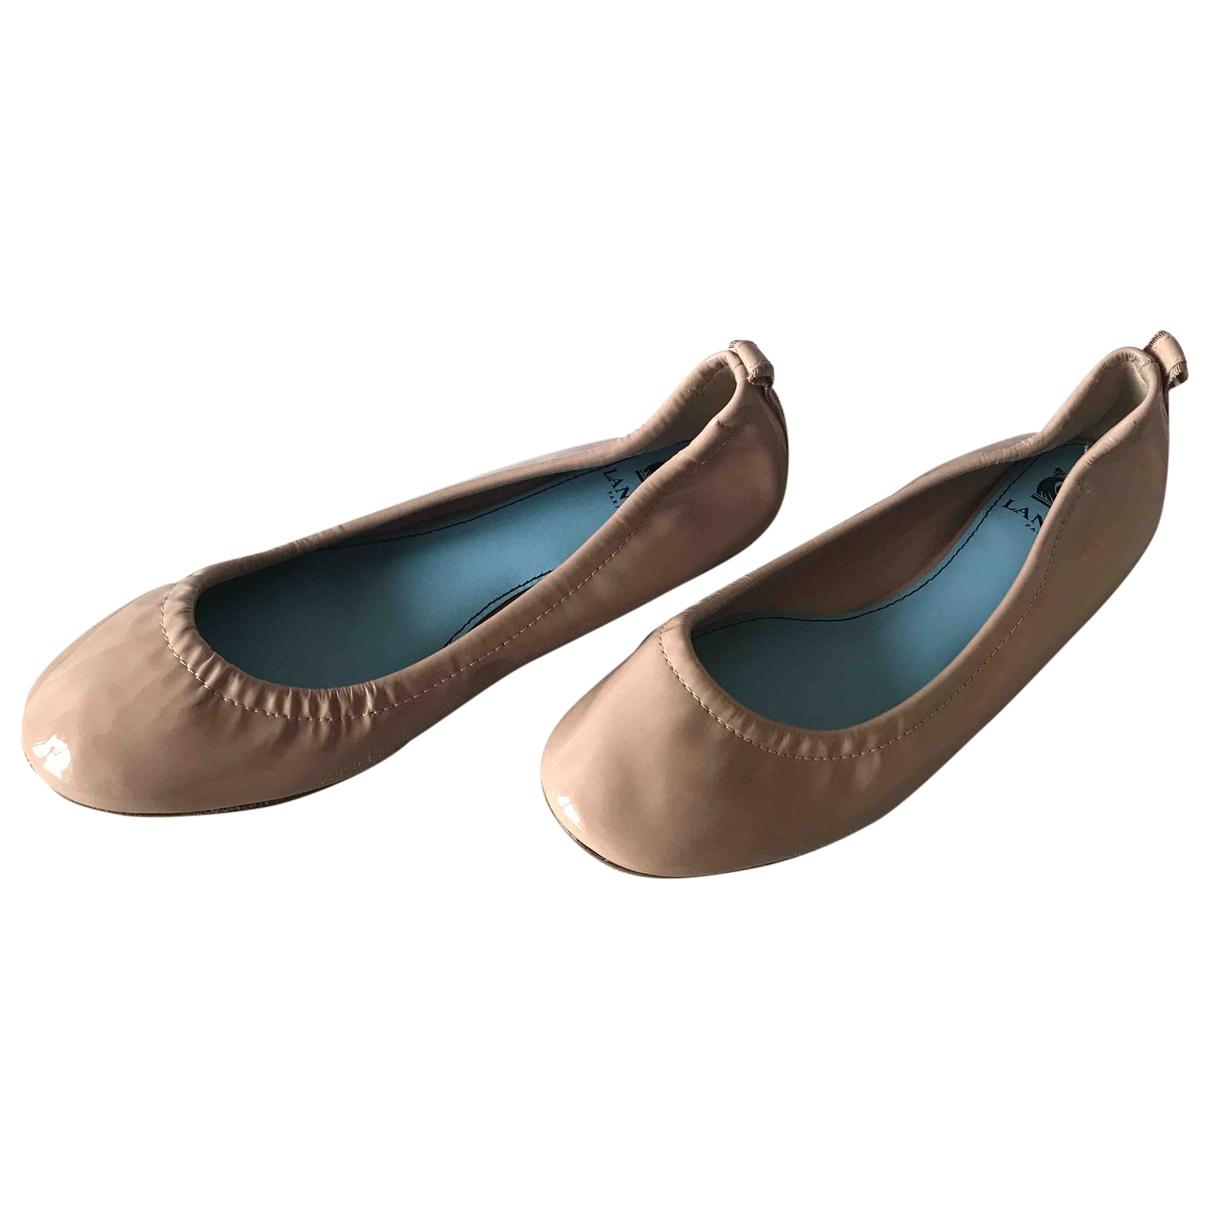 Lanvin - Ballerines   pour femme en cuir verni - beige